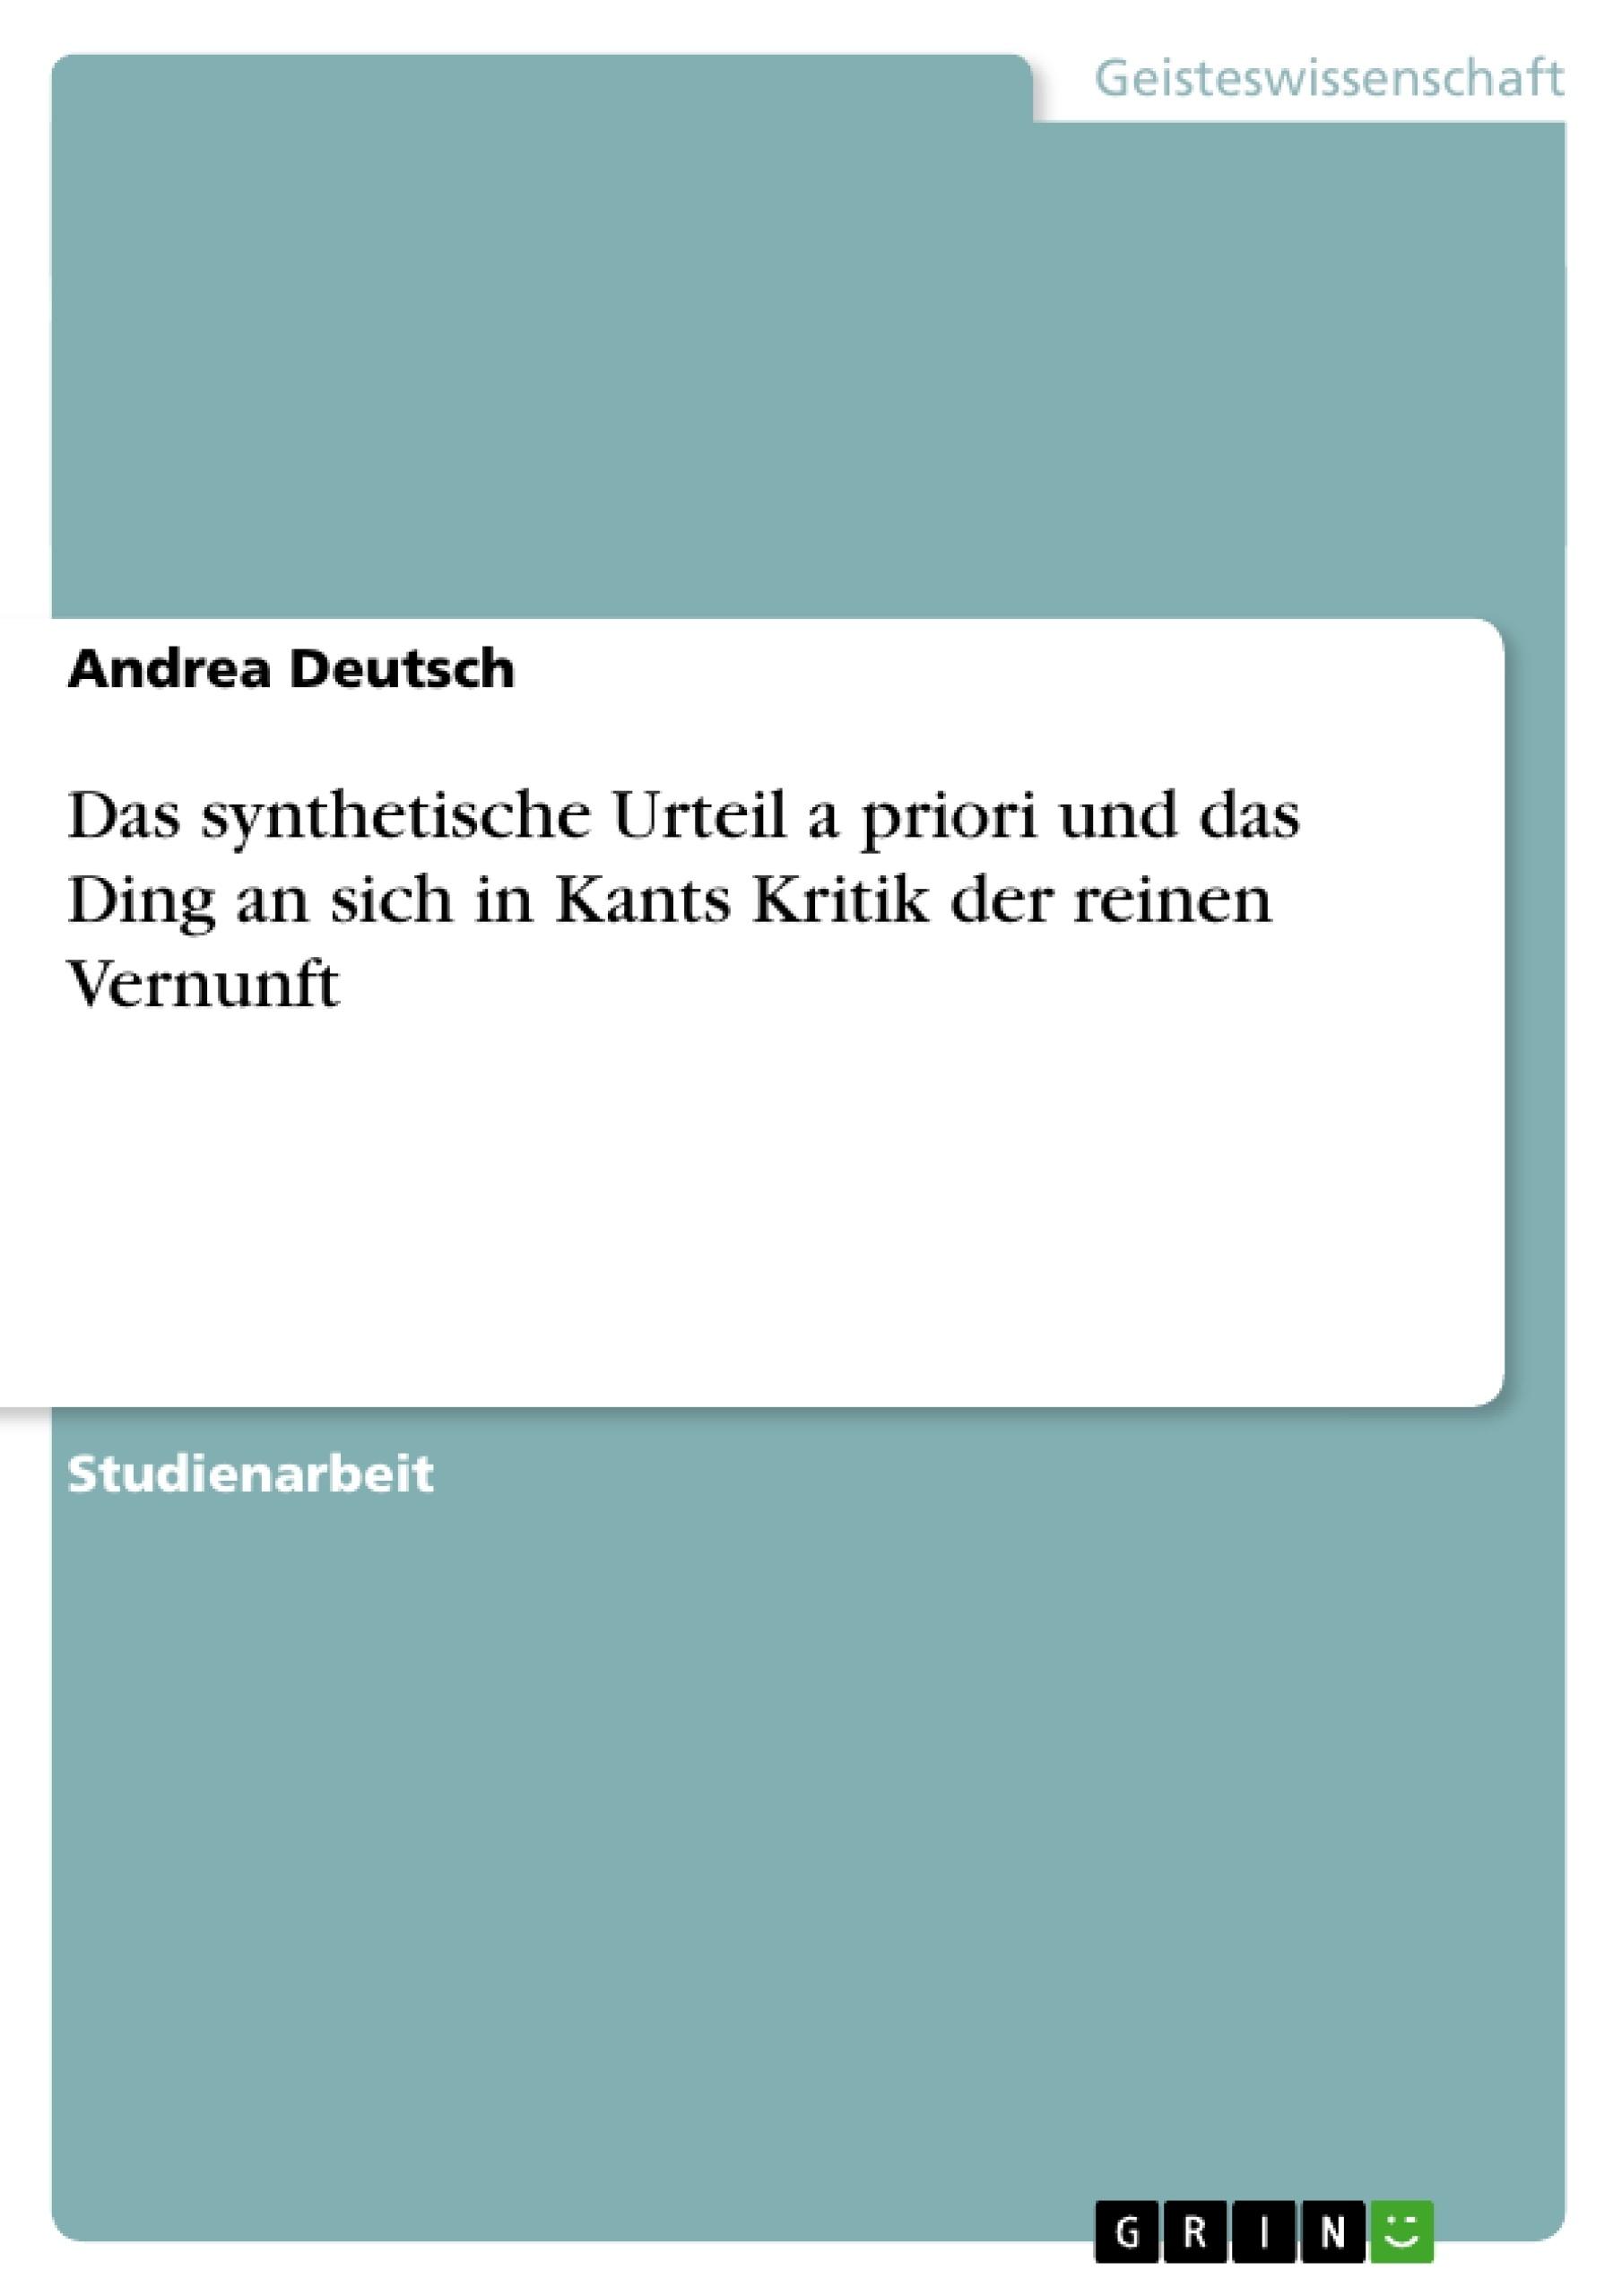 Titel: Das synthetische Urteil a priori und das Ding an sich in Kants Kritik der reinen Vernunft